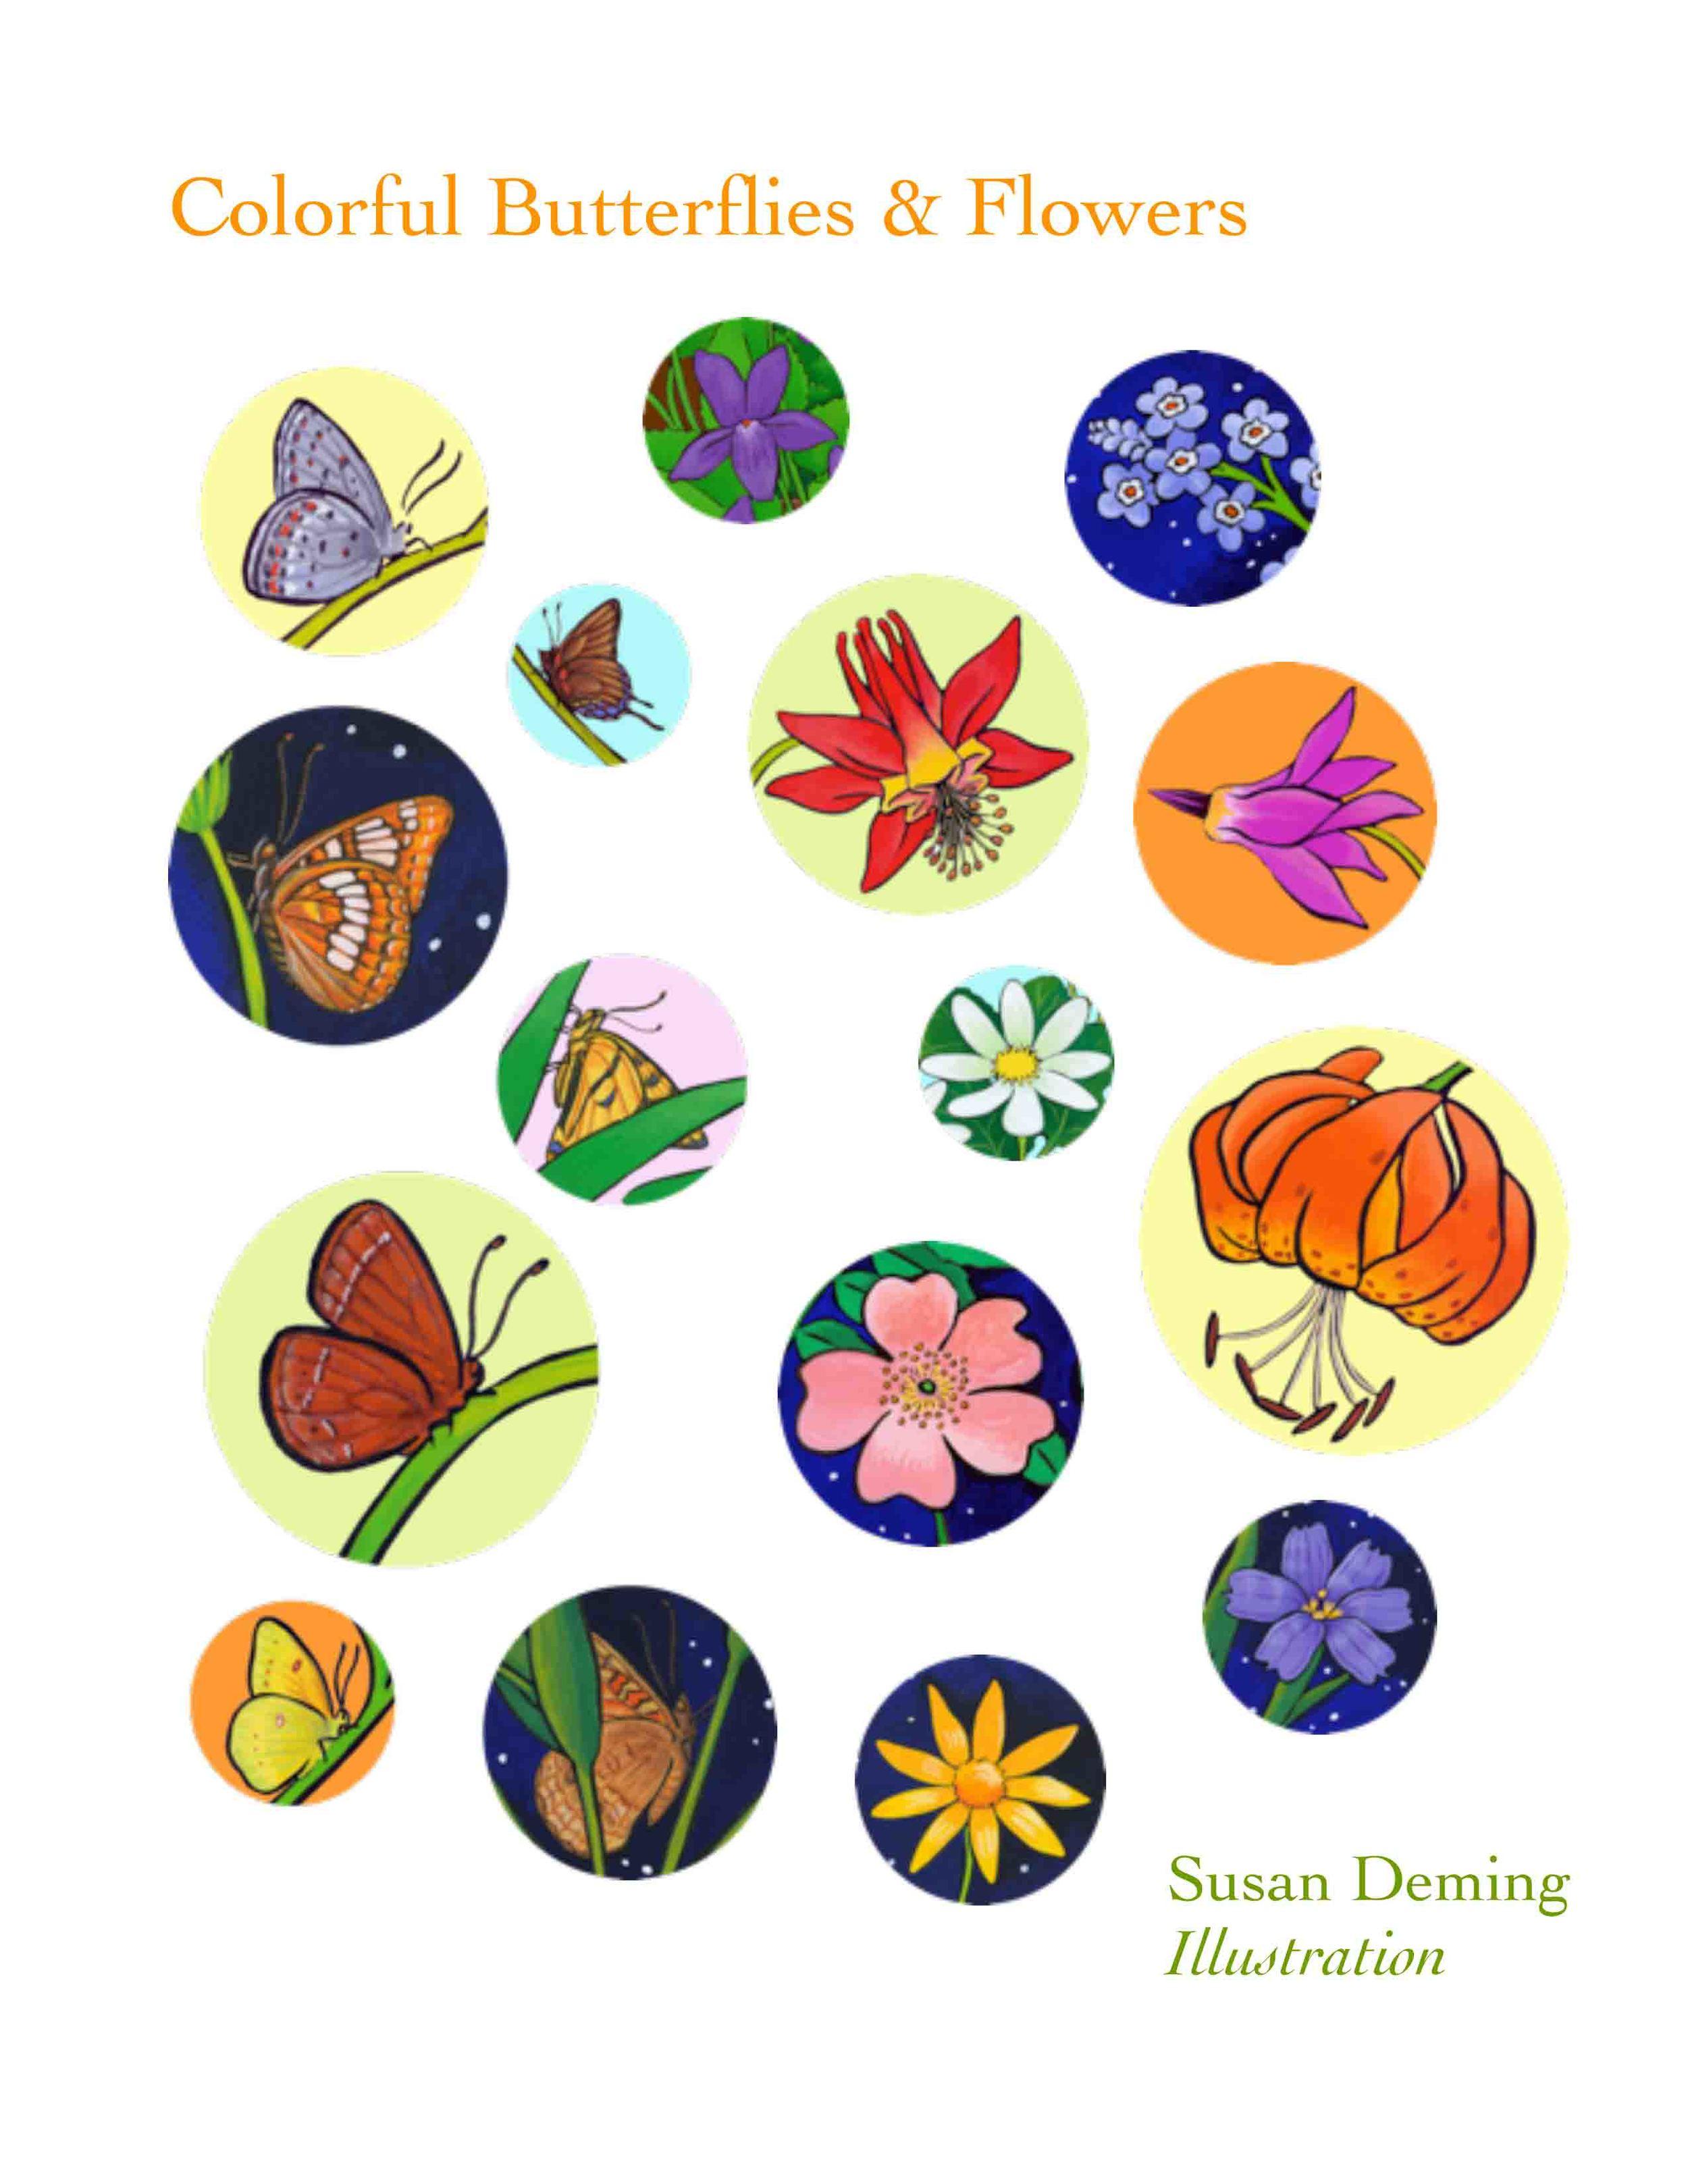 shining moon presentation butterflies flowers 2.jpg